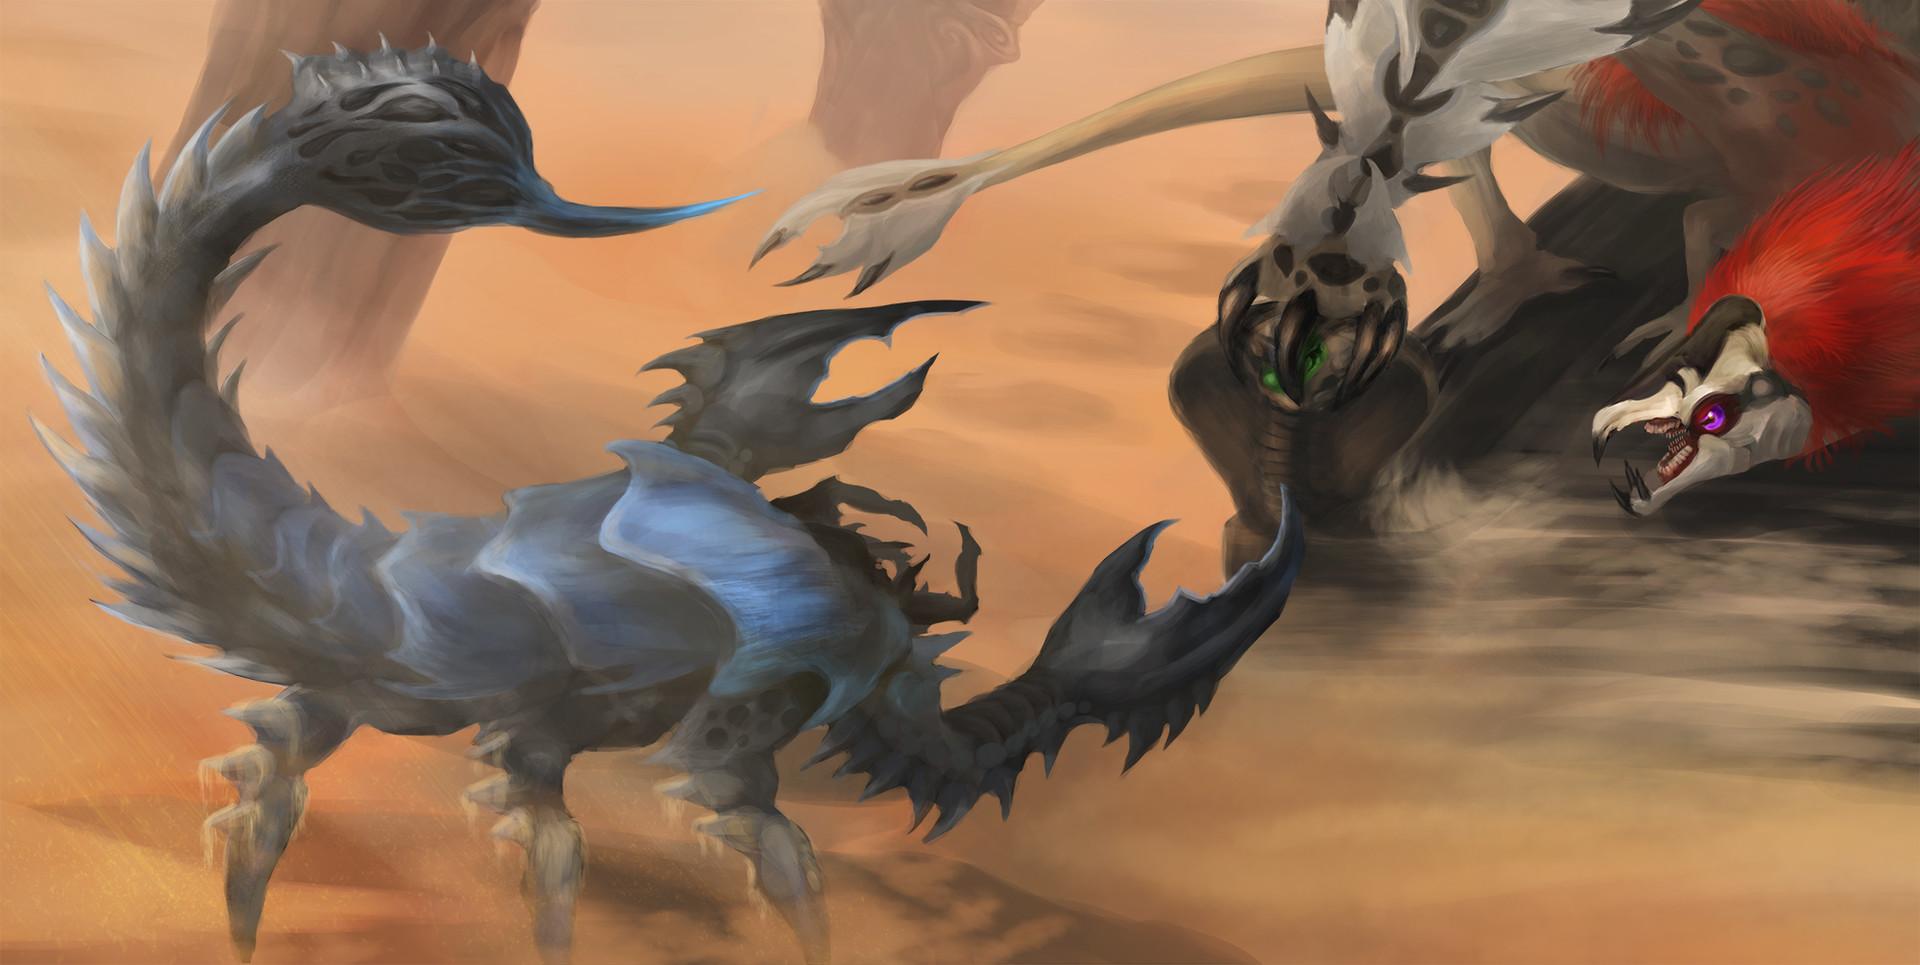 Orm irian scorpion